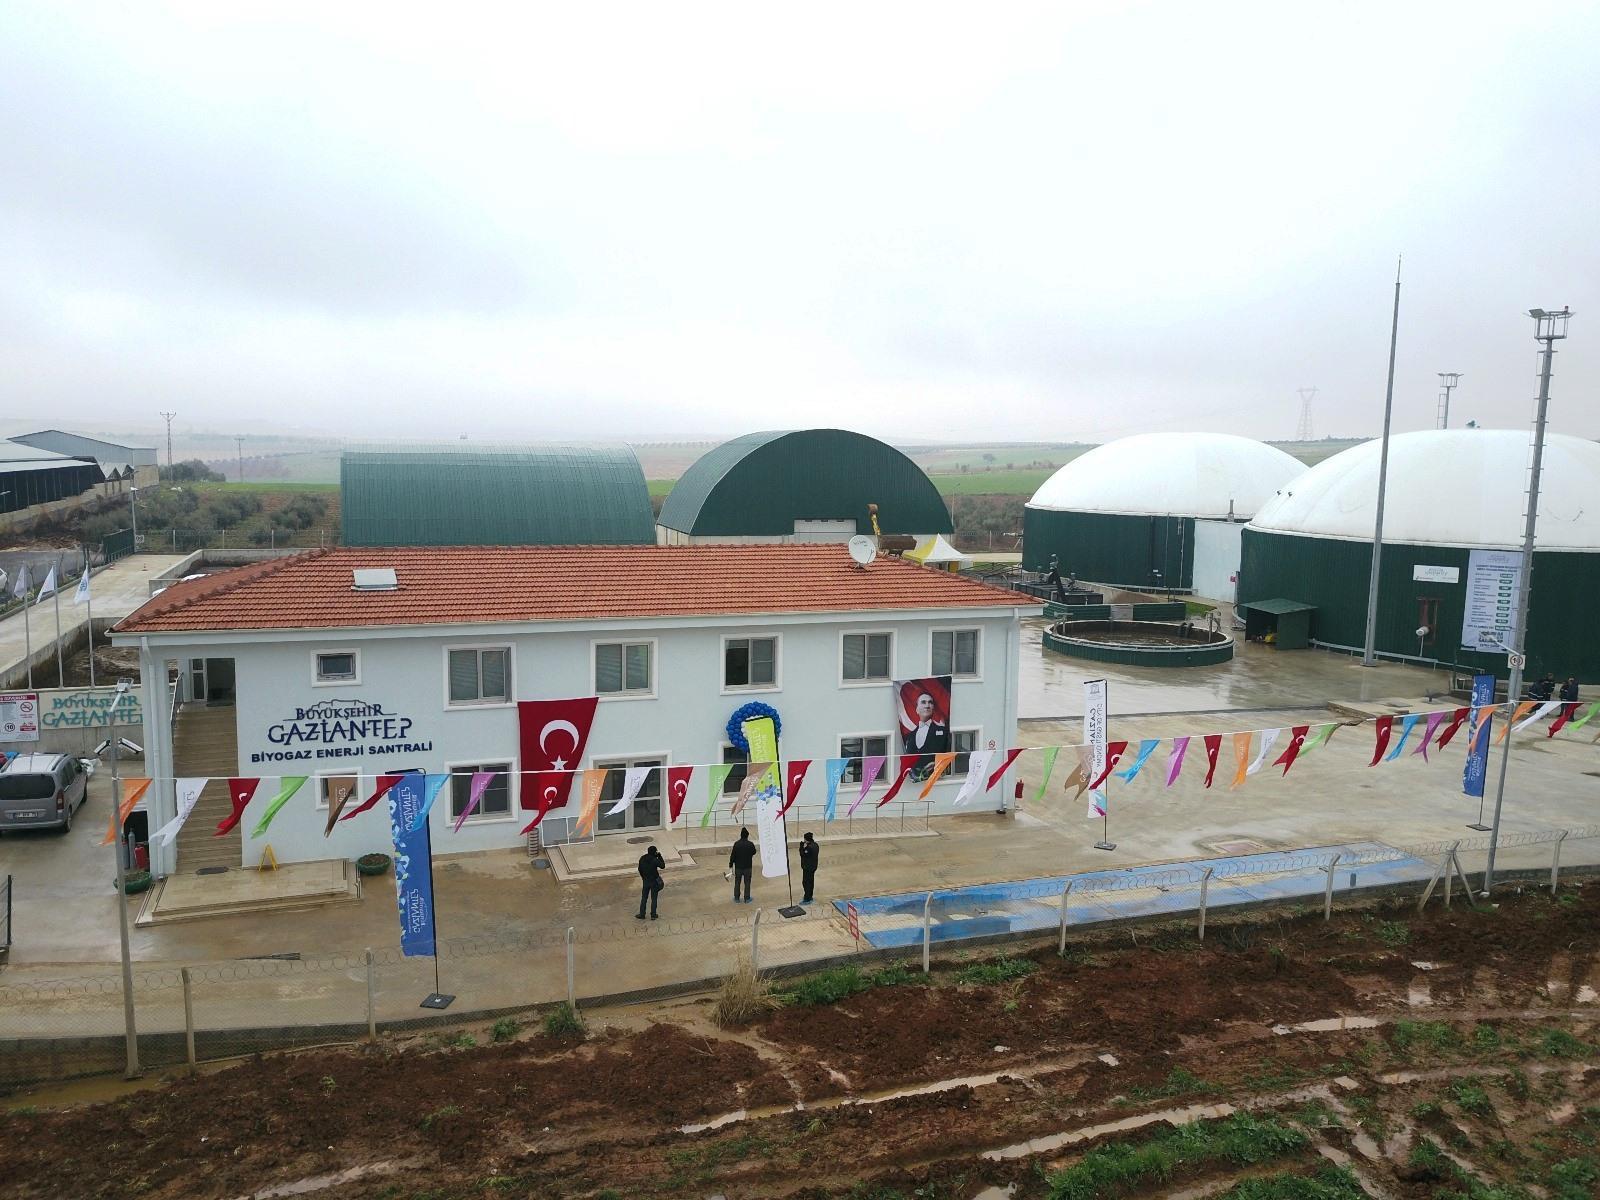 Teksan kojenerasyon sistemi ile Gaziantep'te hayvansal atıklar ısı ve elektriğe dönüşüyor